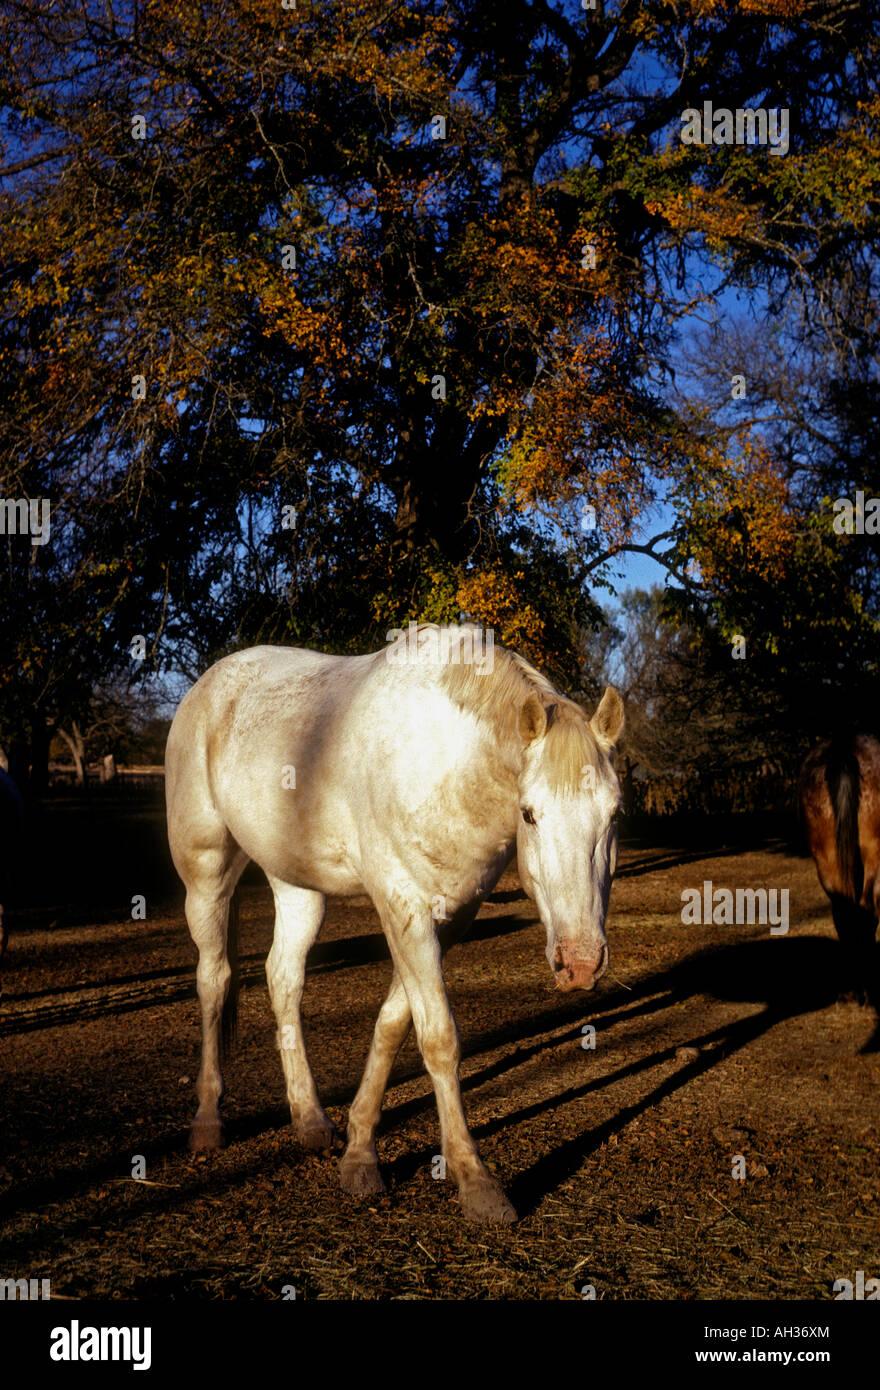 Bandera Texas Ranch Stock Photos & Bandera Texas Ranch